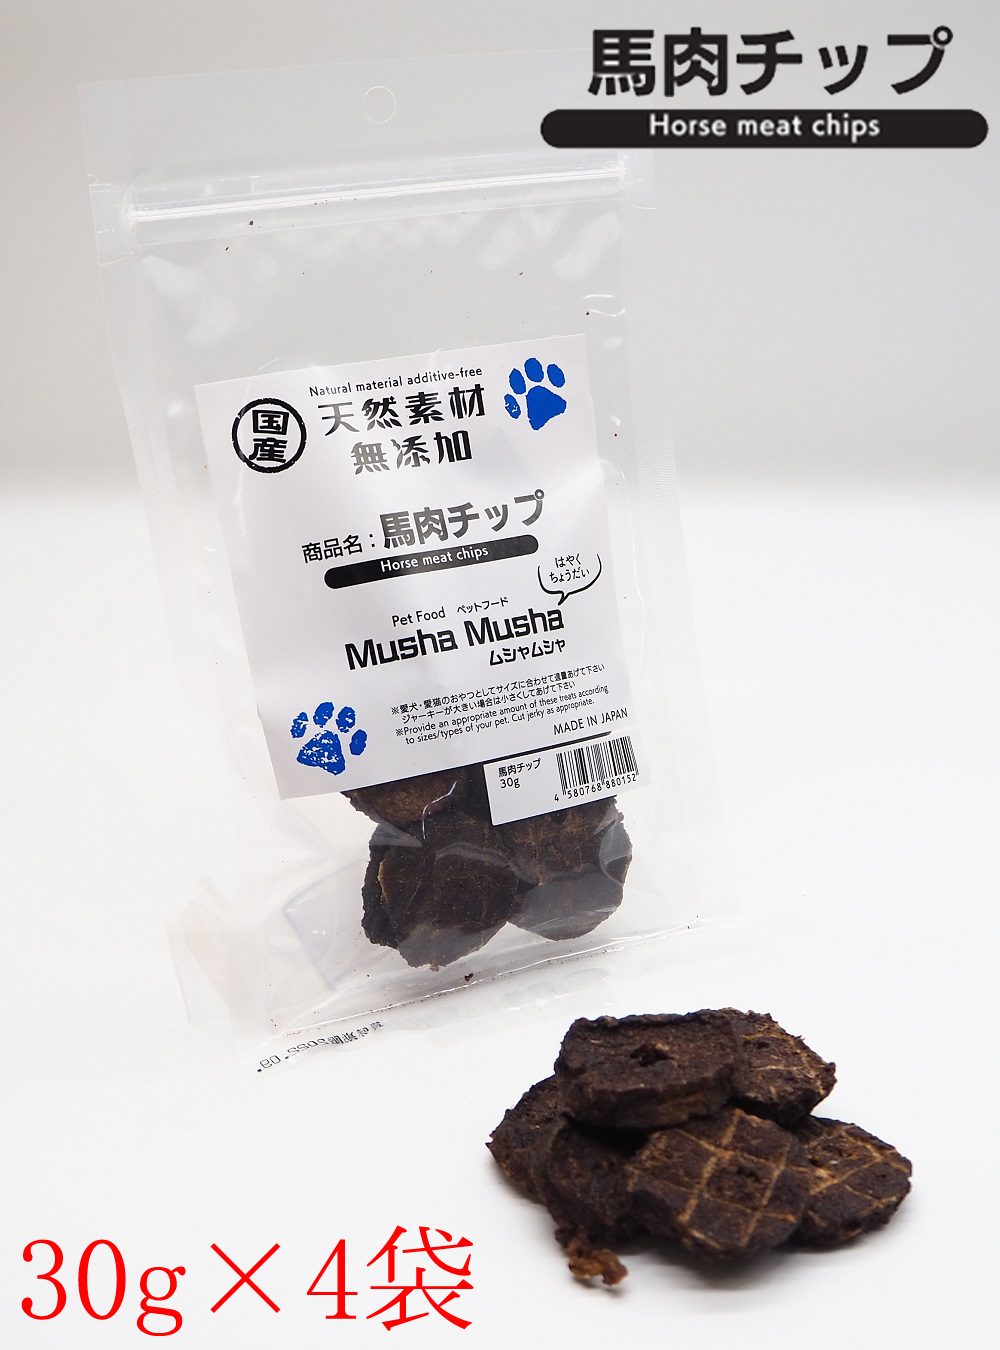 全品最安値に挑戦 犬 ジャーキー 馬肉チップ120g 30g×4袋 馬肉 カナダ産 犬用おやつ チャック保存袋入 無添加 低カロリー セール特別価格 国内生産